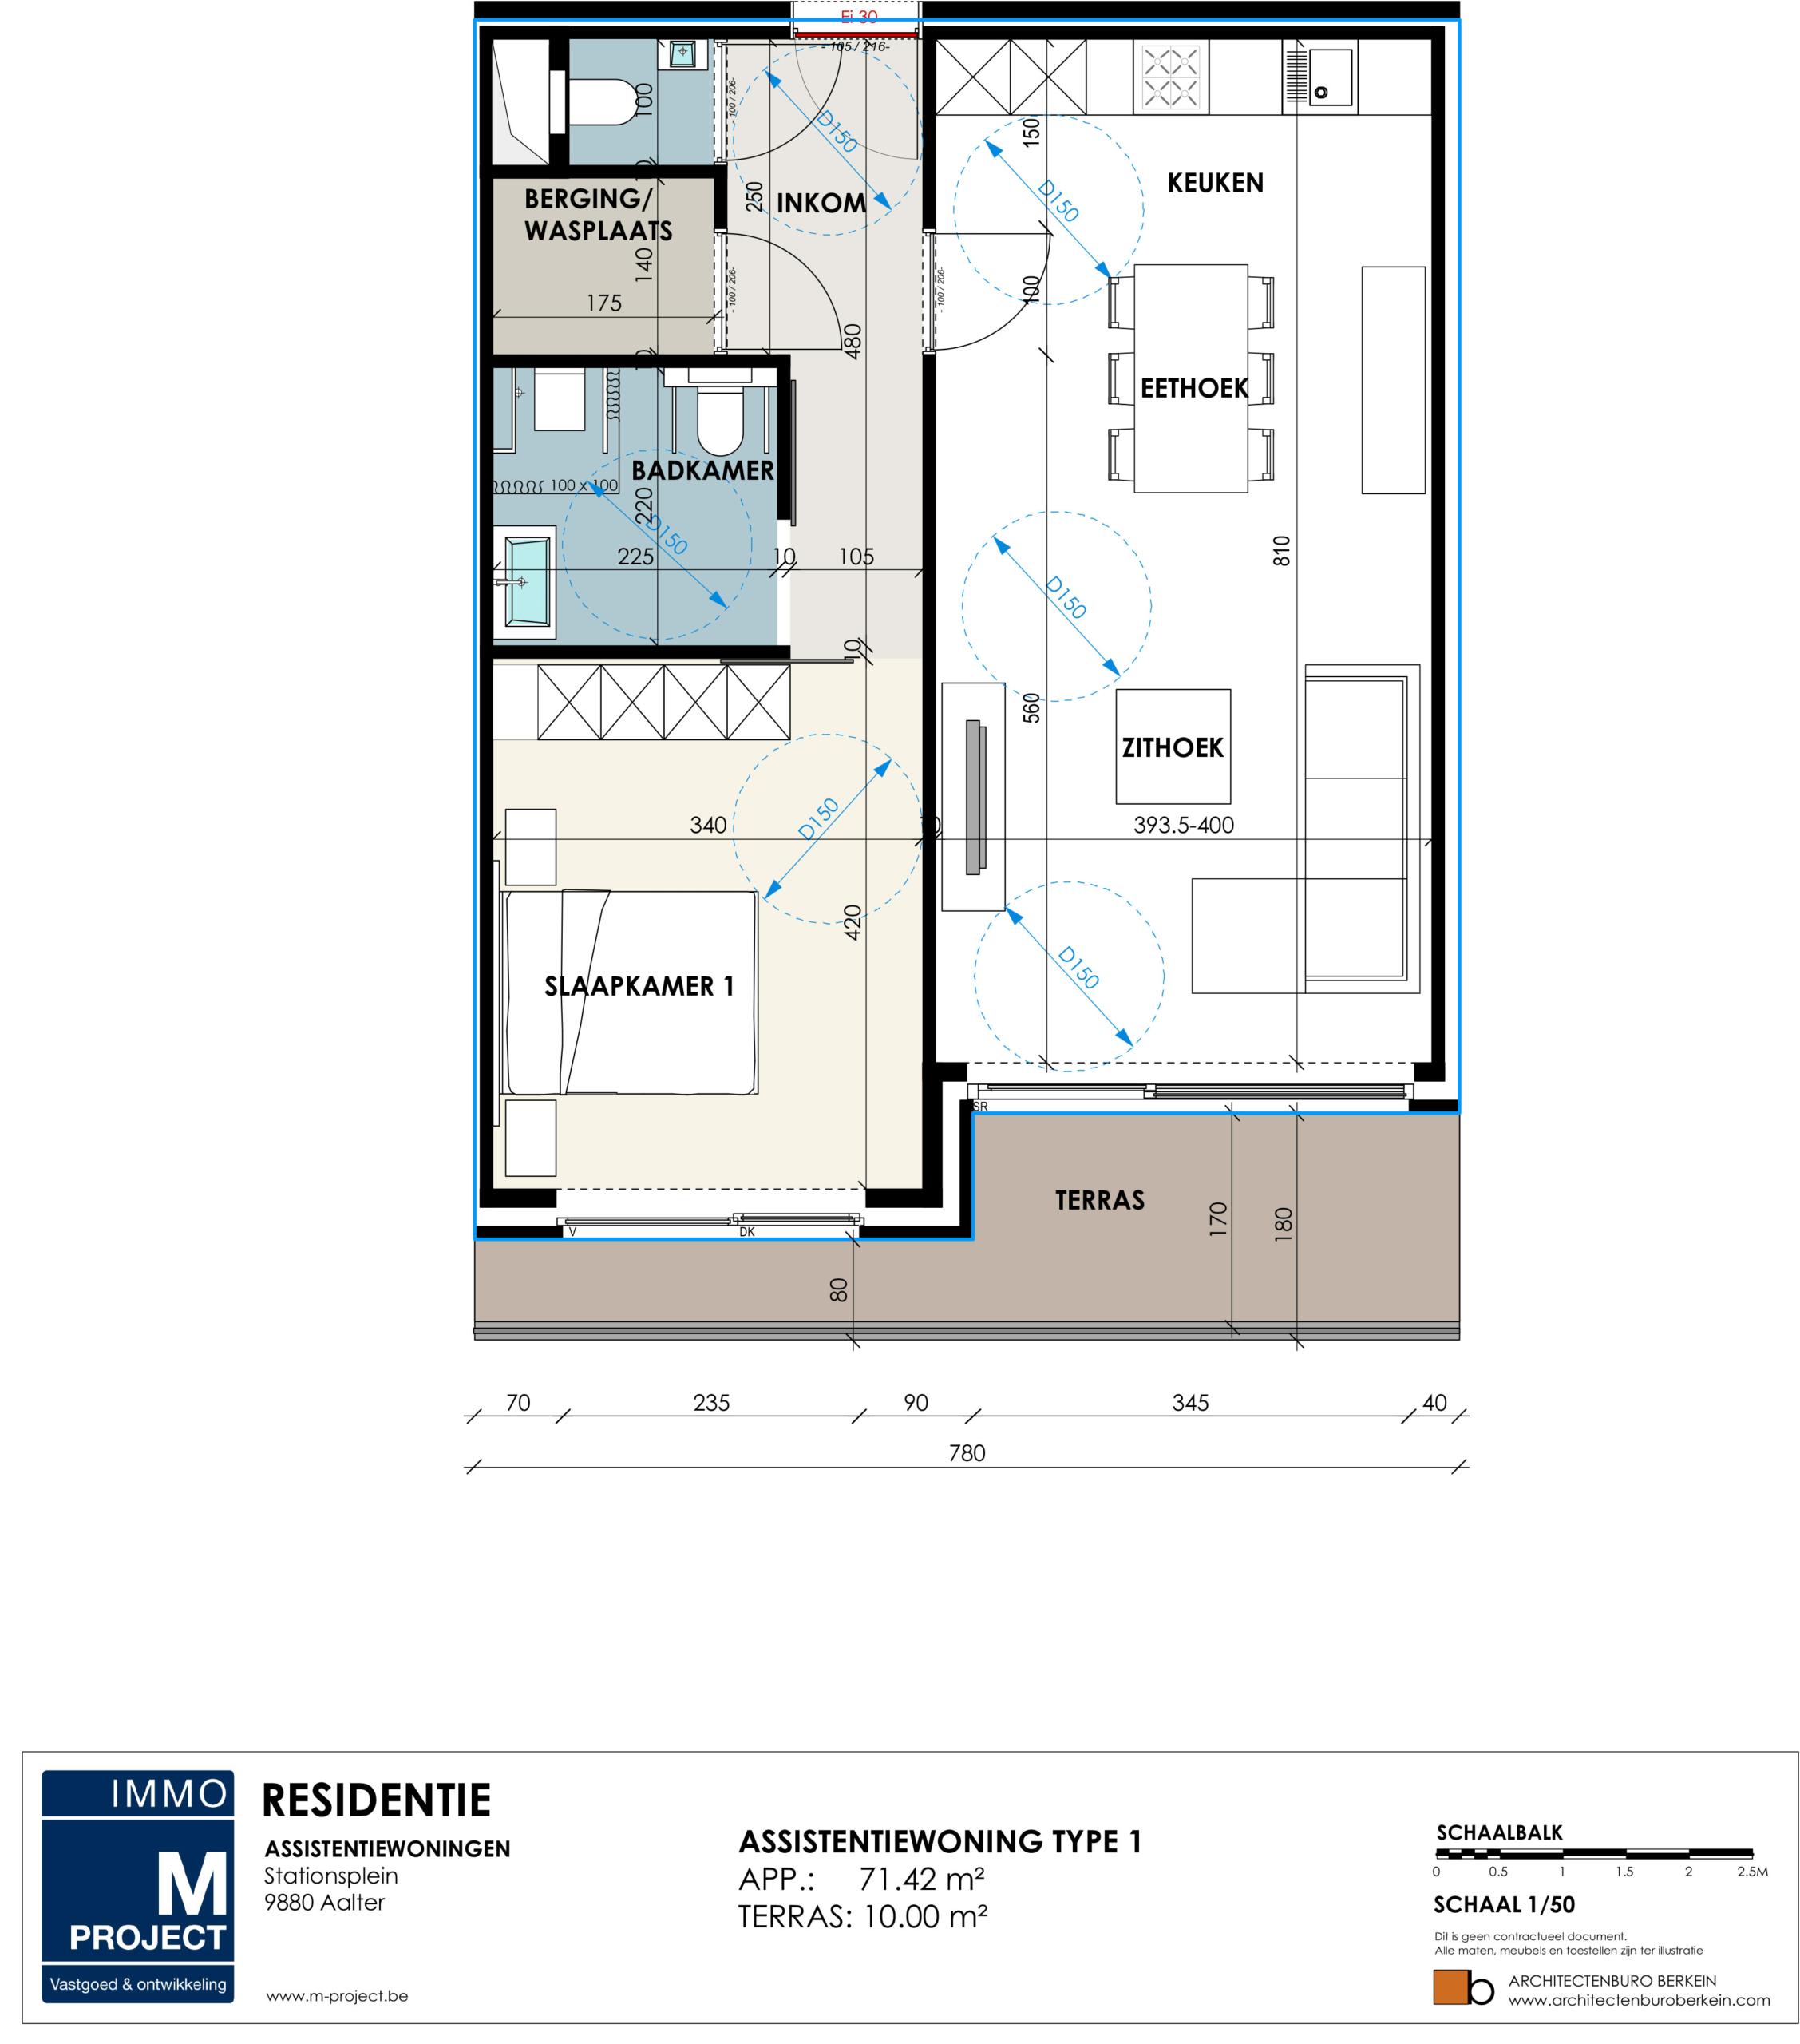 ik wens een serviceflat of assistentiewoning aan te kopen in Residentie Academie - appartement type 1